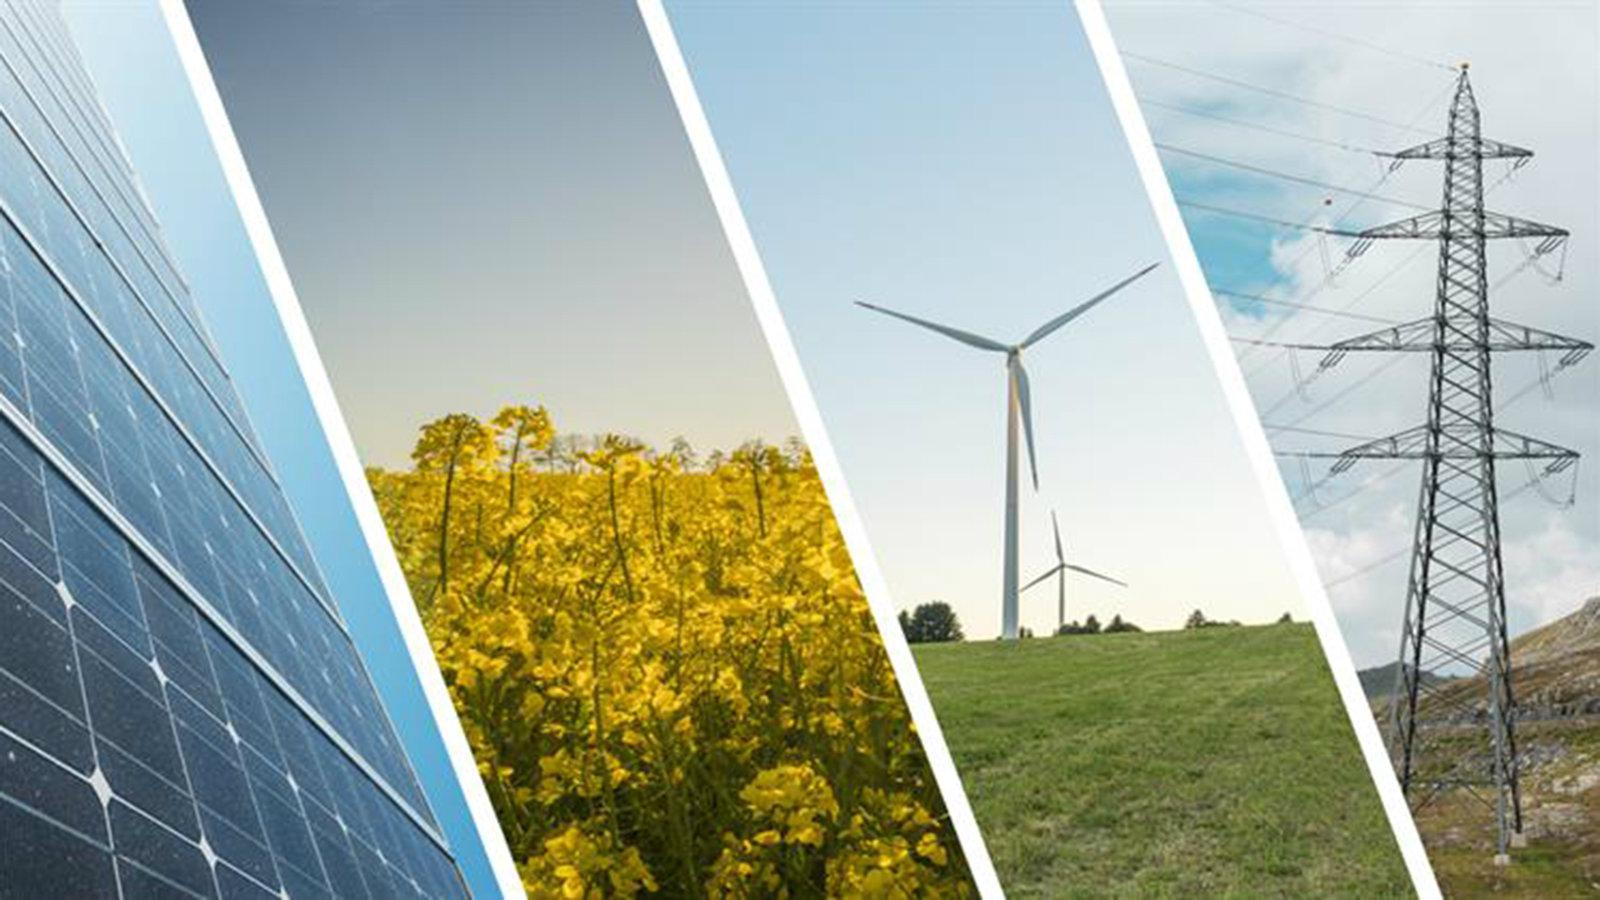 Αποτέλεσμα εικόνας για Ενίσχυση της Ίδρυσης και Λειτουργίας Ενεργειακών Κοινοτήτων